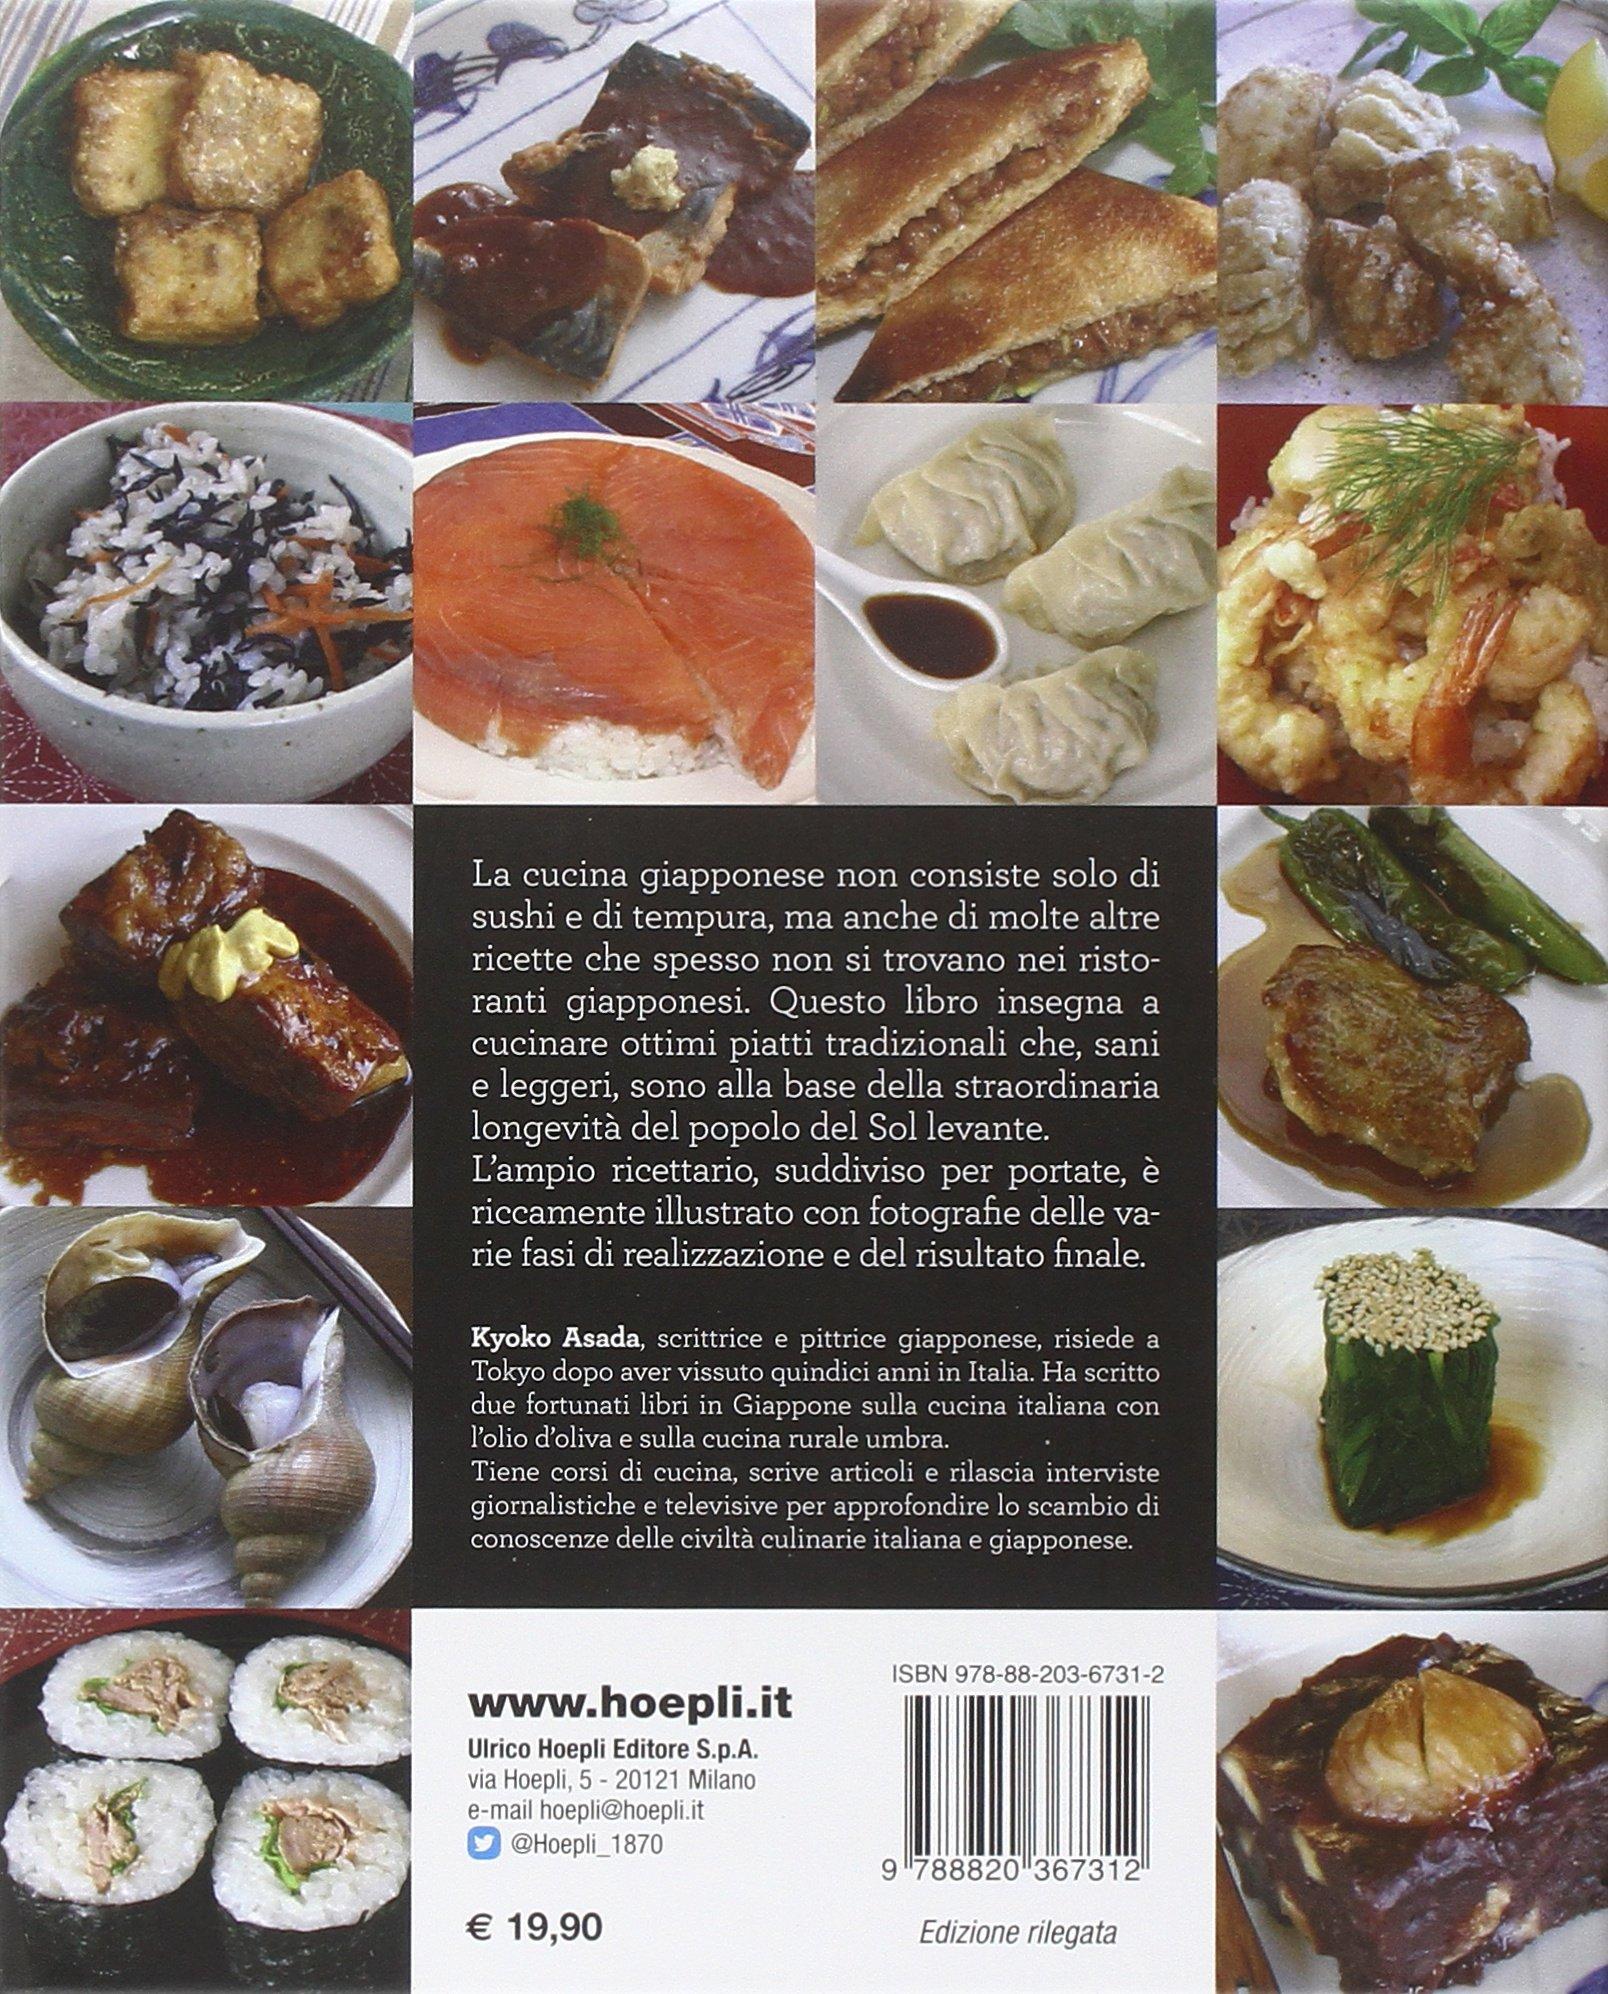 Ricette cucina giapponese con foto ricette popolari sito for Siti con ricette di cucina